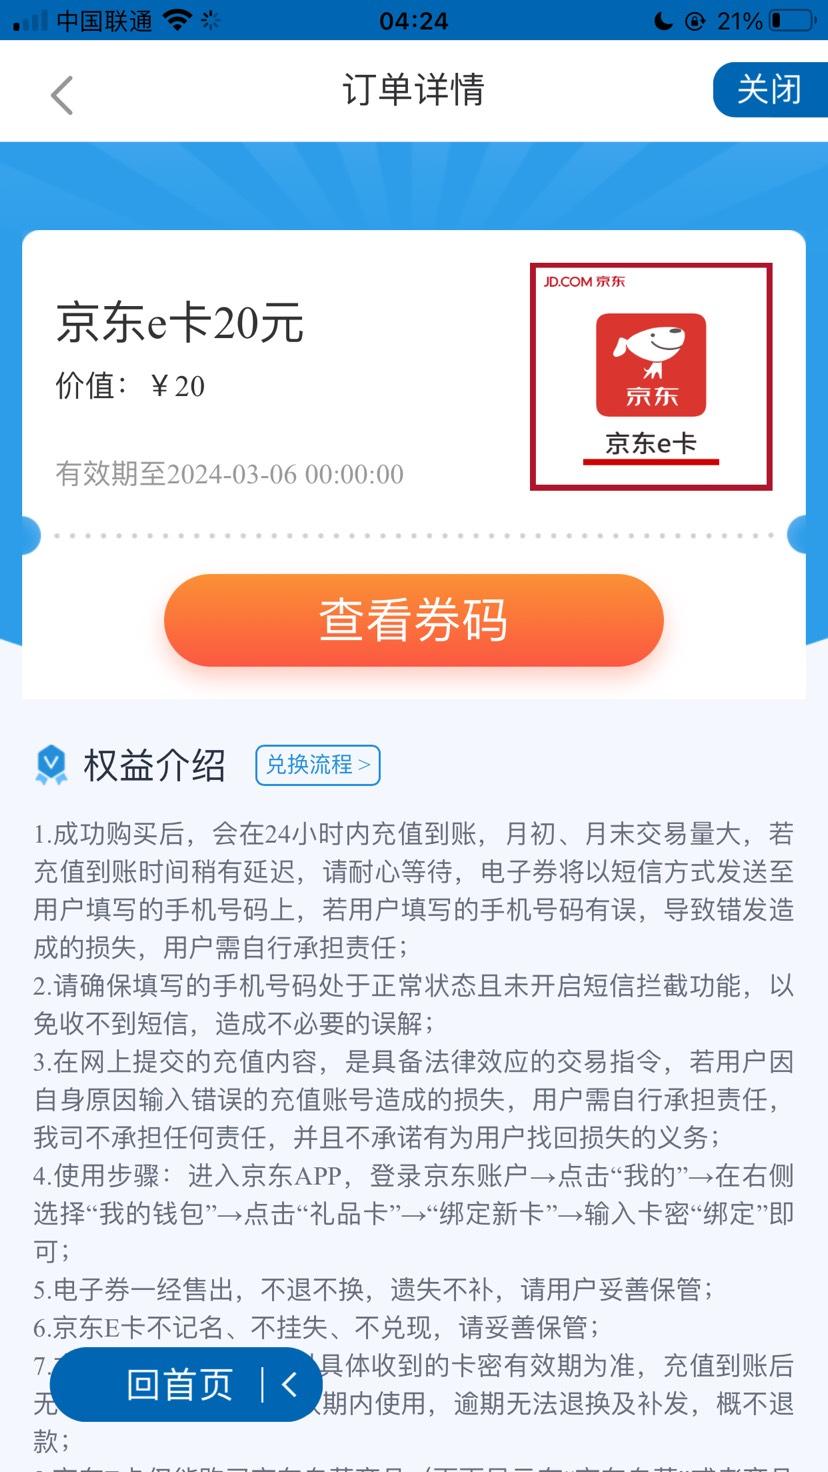 建设龙支付1元购京东e卡20元或者20元话费-线报酷